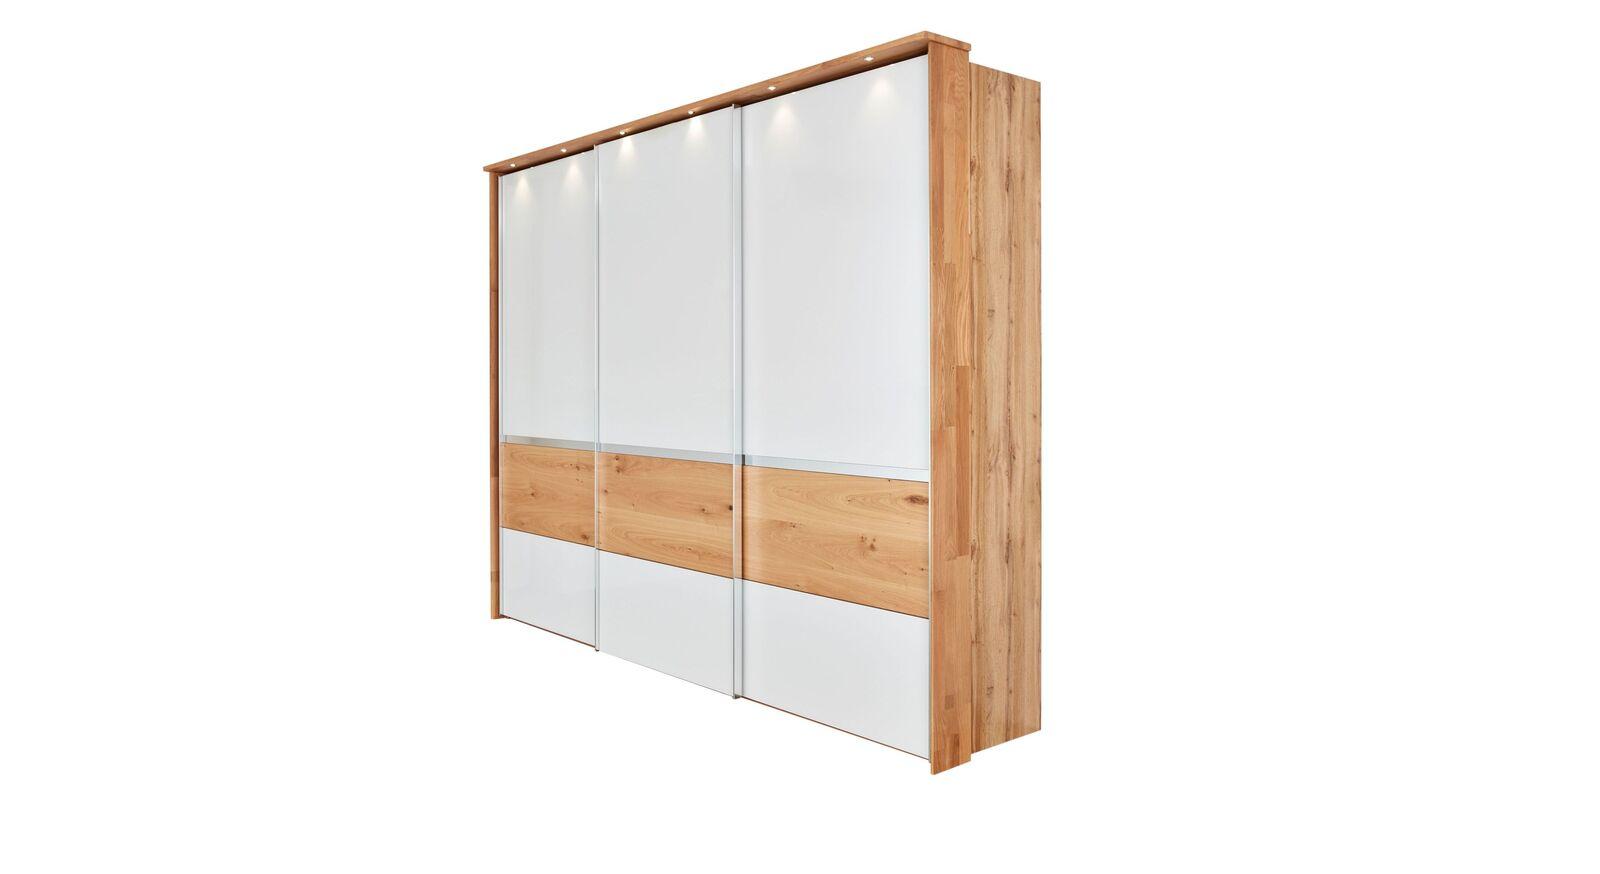 3-türiger INTERLIVING Schwebetüren-Kleiderschrank 1202 mit 3 großen Türen